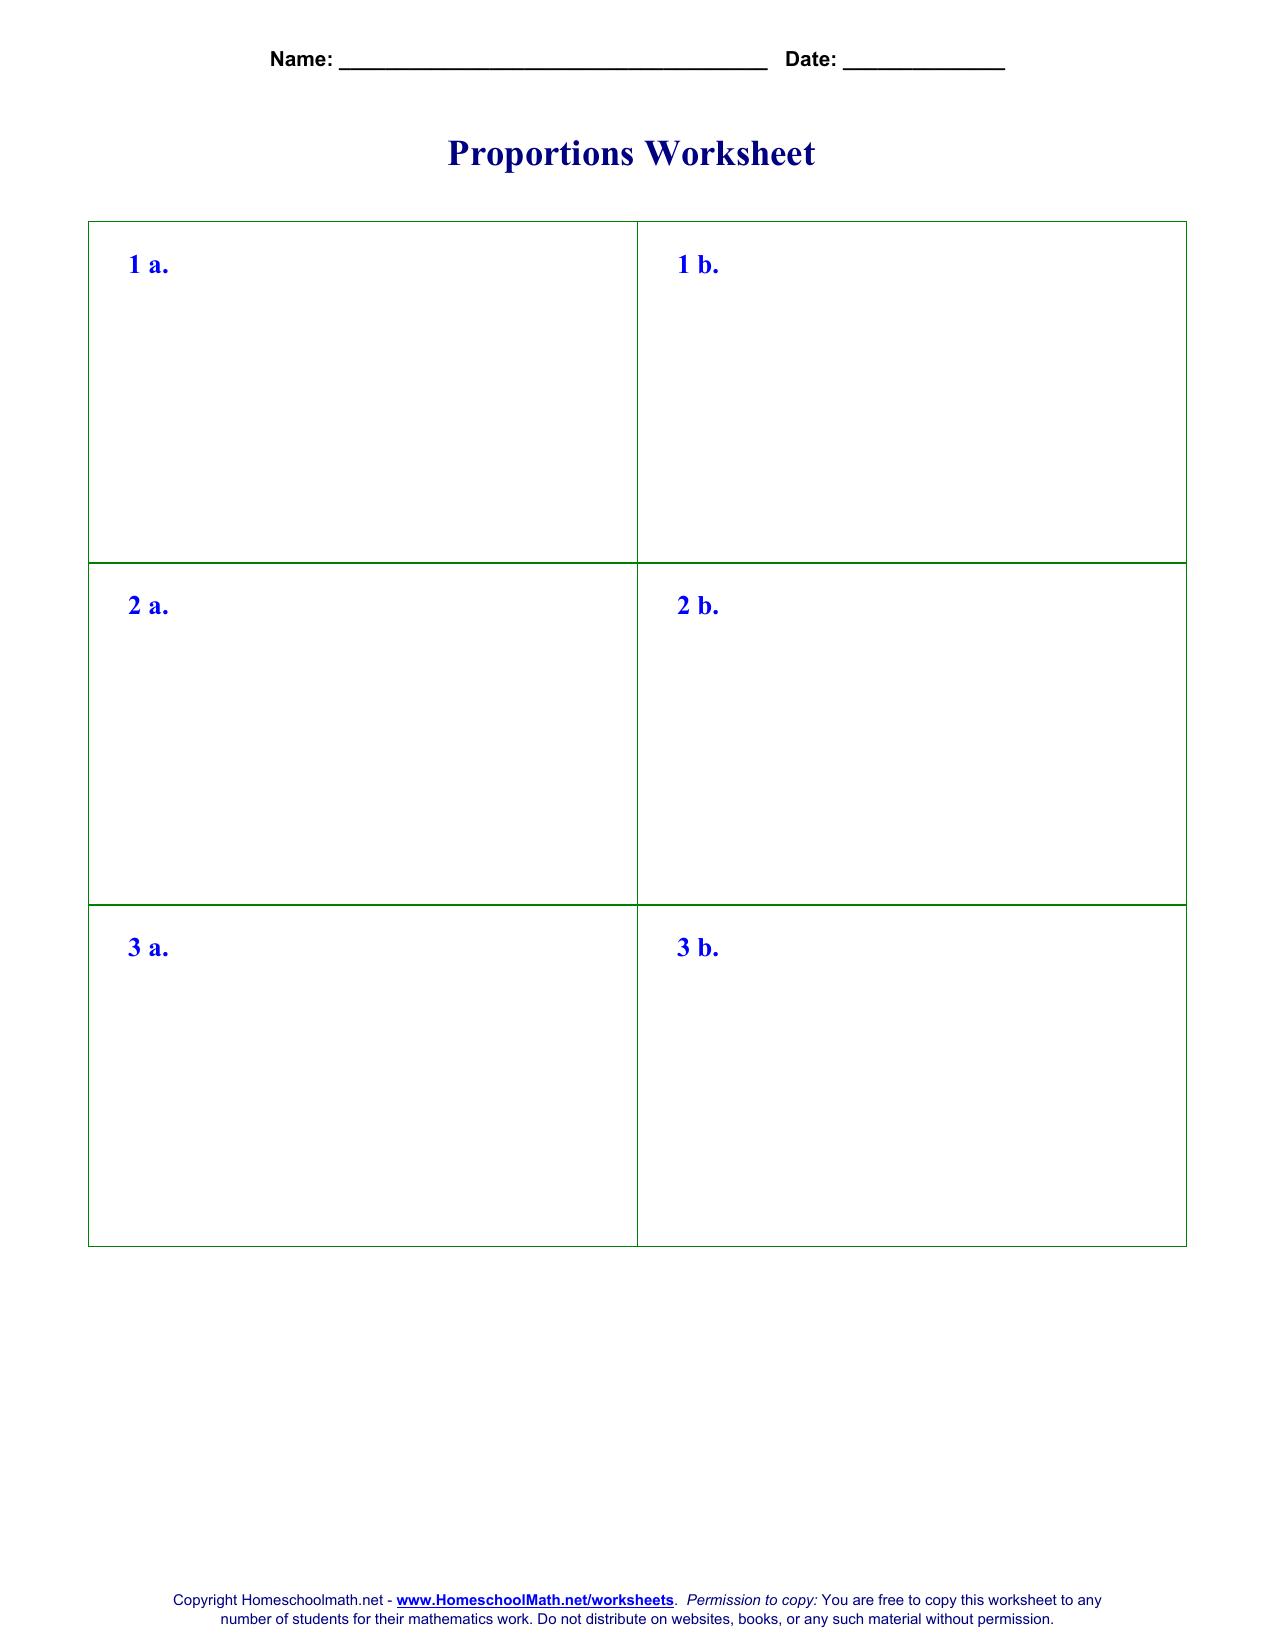 Proportions Worksheet 1